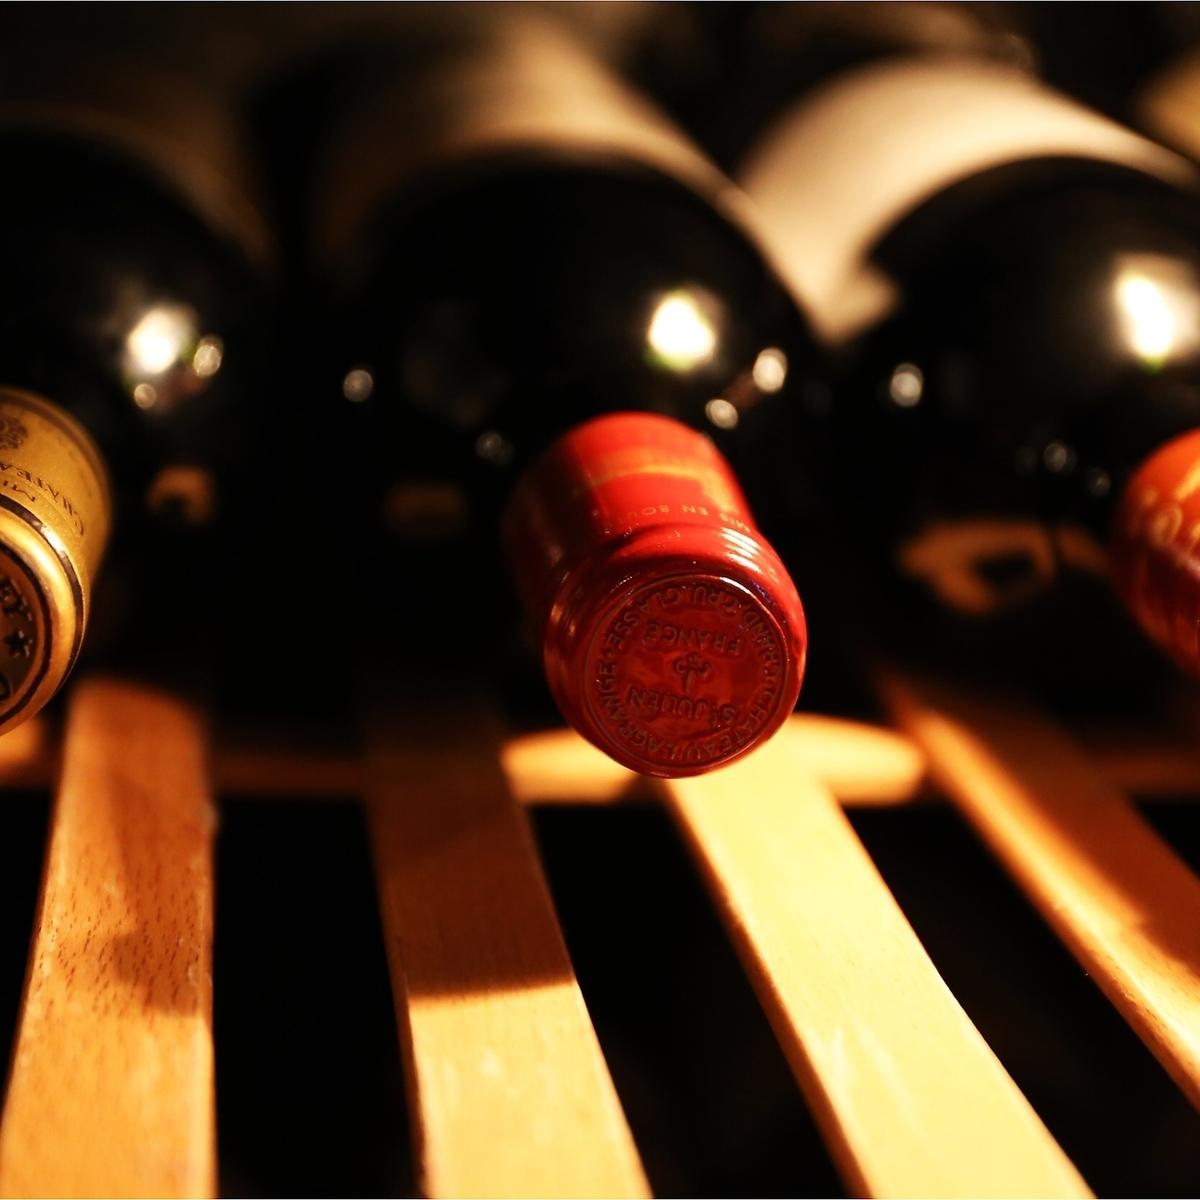 【ワインを気軽に愉しむなら…】